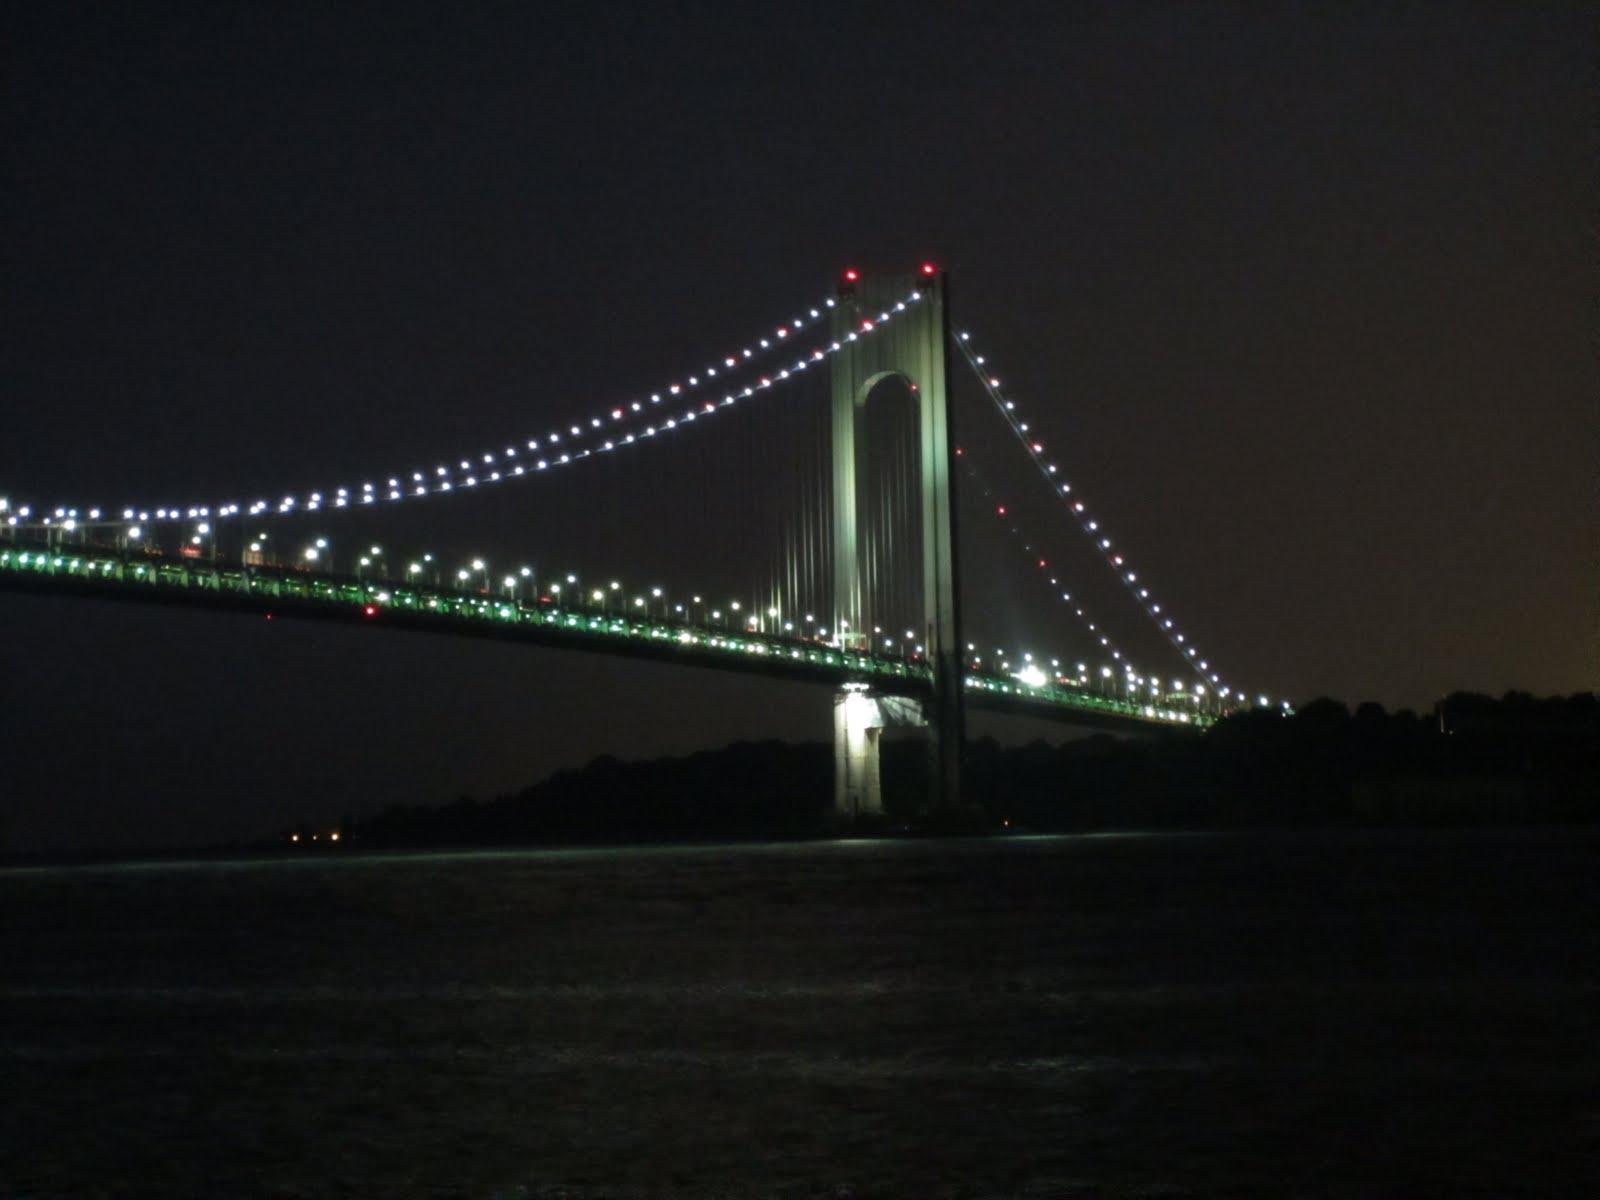 Pay a Visit: The Verrazano-Narrows Bridge at Night